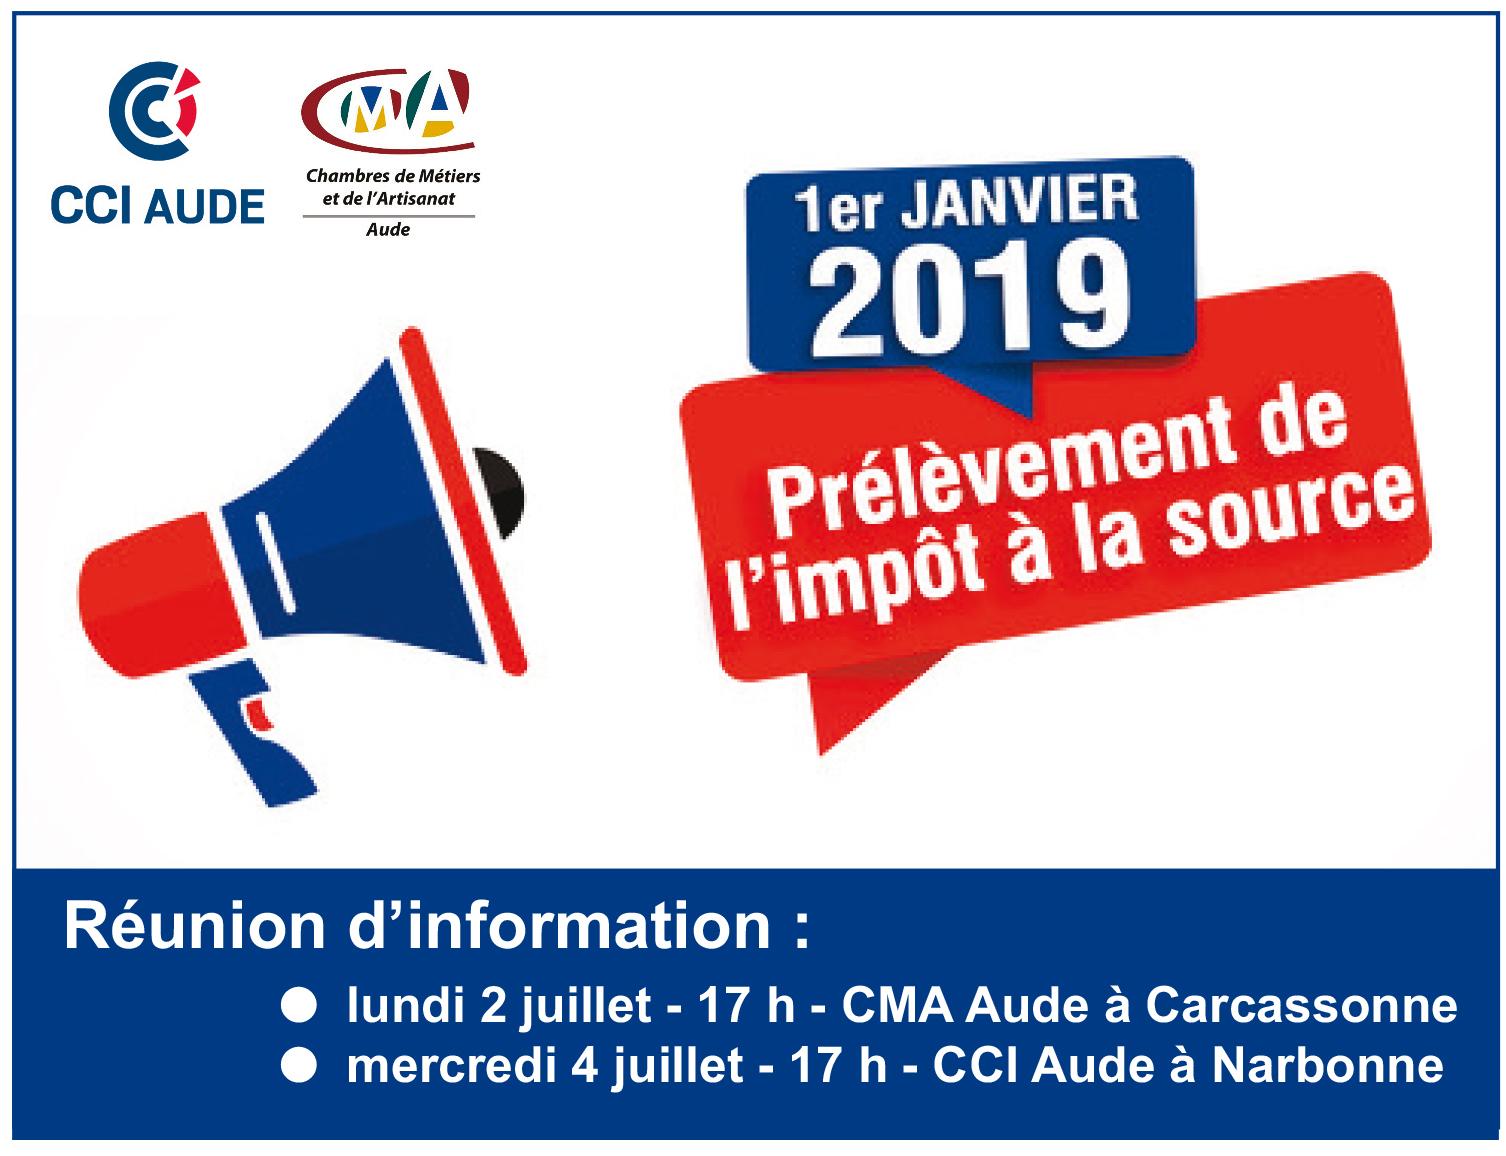 Prélèvement De L'impôt À La Source - Réunion D'information dedans Chambre Des Metiers Carcassonne